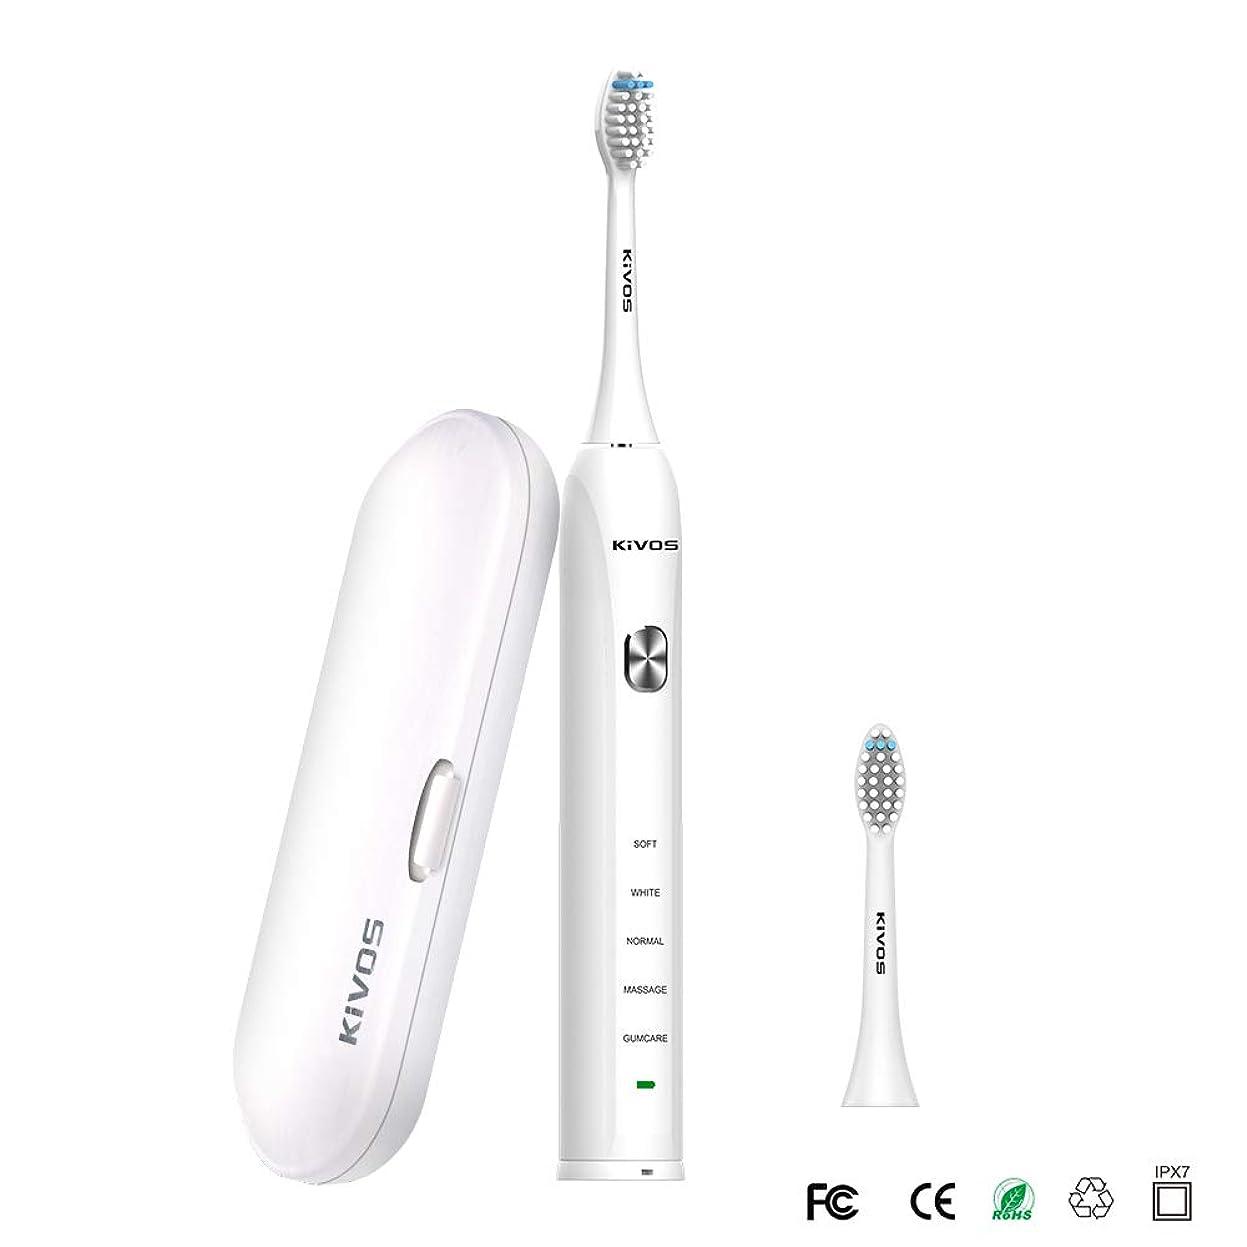 追い払う愛情深いたぶんKIVOS 電動歯ブラシ音波歯ブラシ UV 除菌機能付き電動歯ぶらし歯ブラシ除菌器 歯ブラシUV紫外線除菌収納ケース歯みがき 電動はぶらし IPX7防水 旅行出張に最適